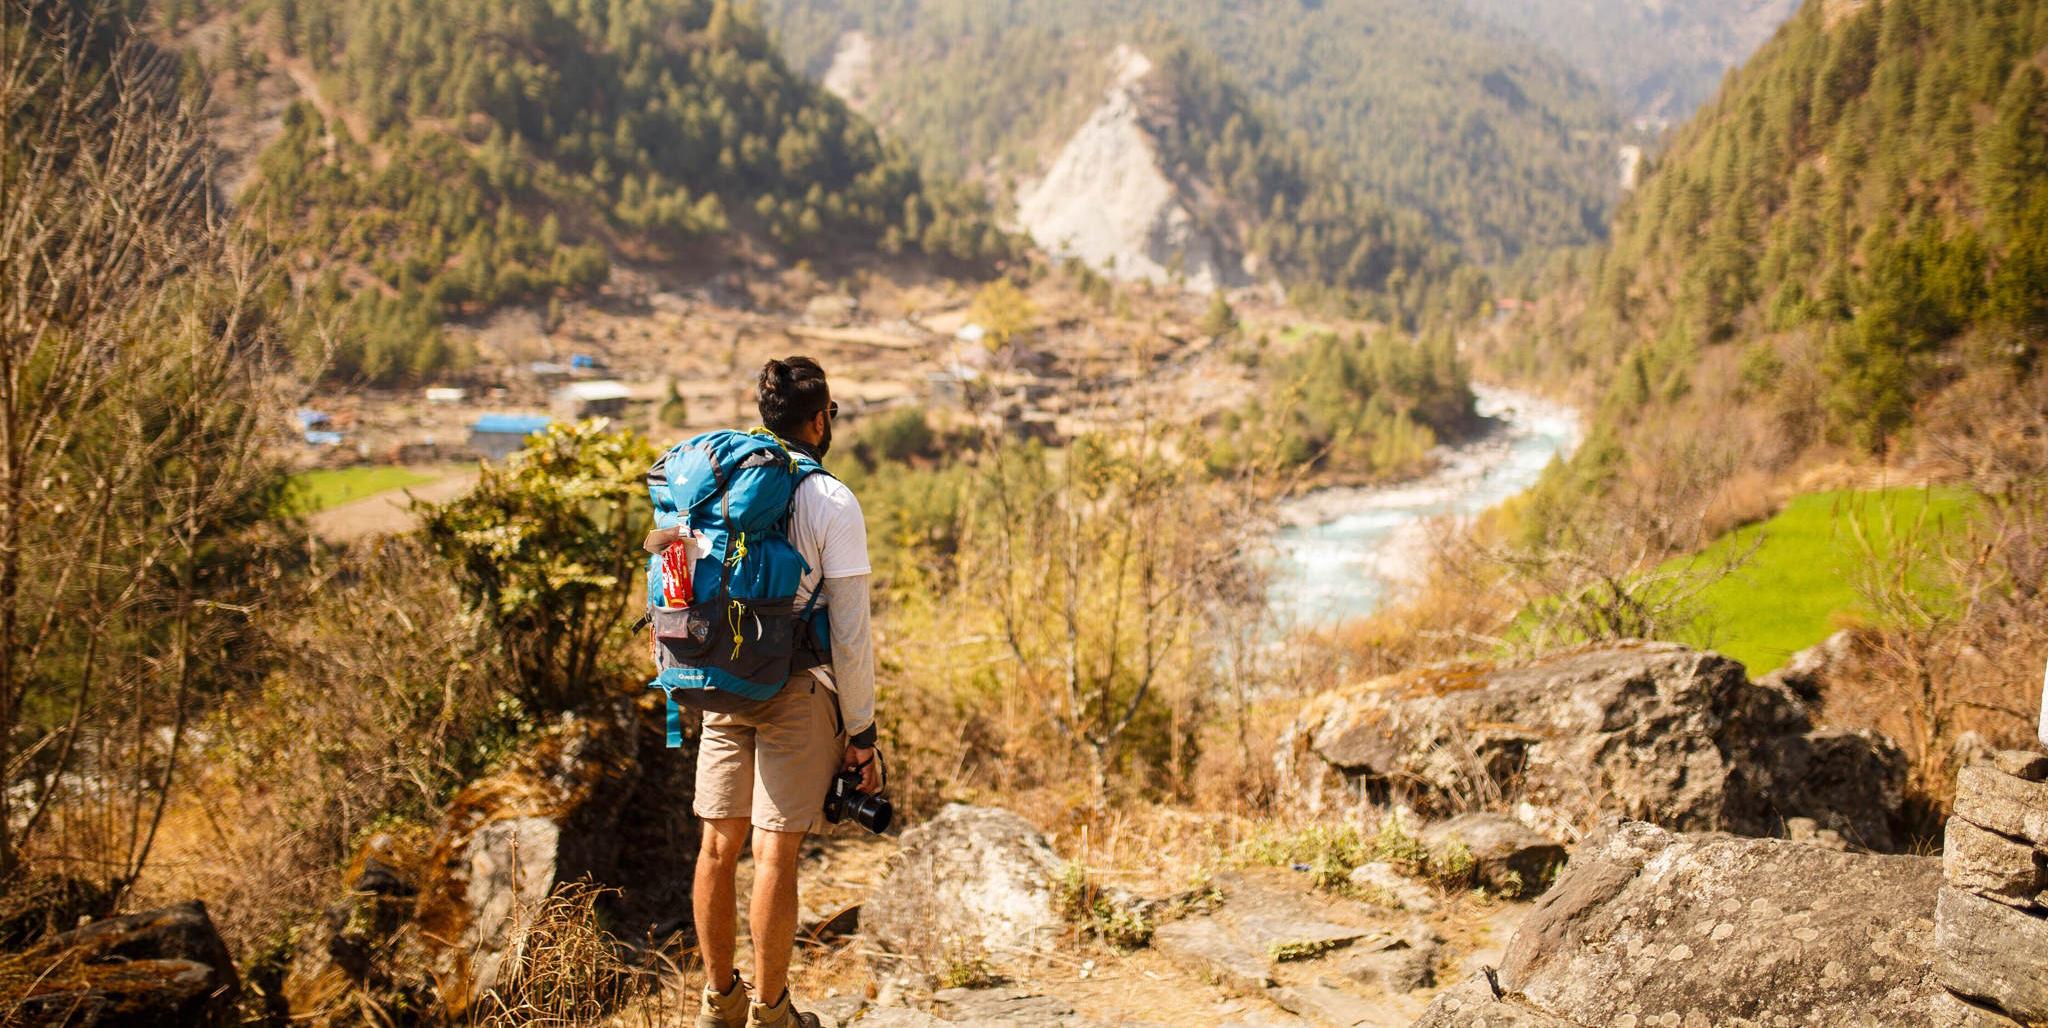 Himalayan Trek Organizers in India